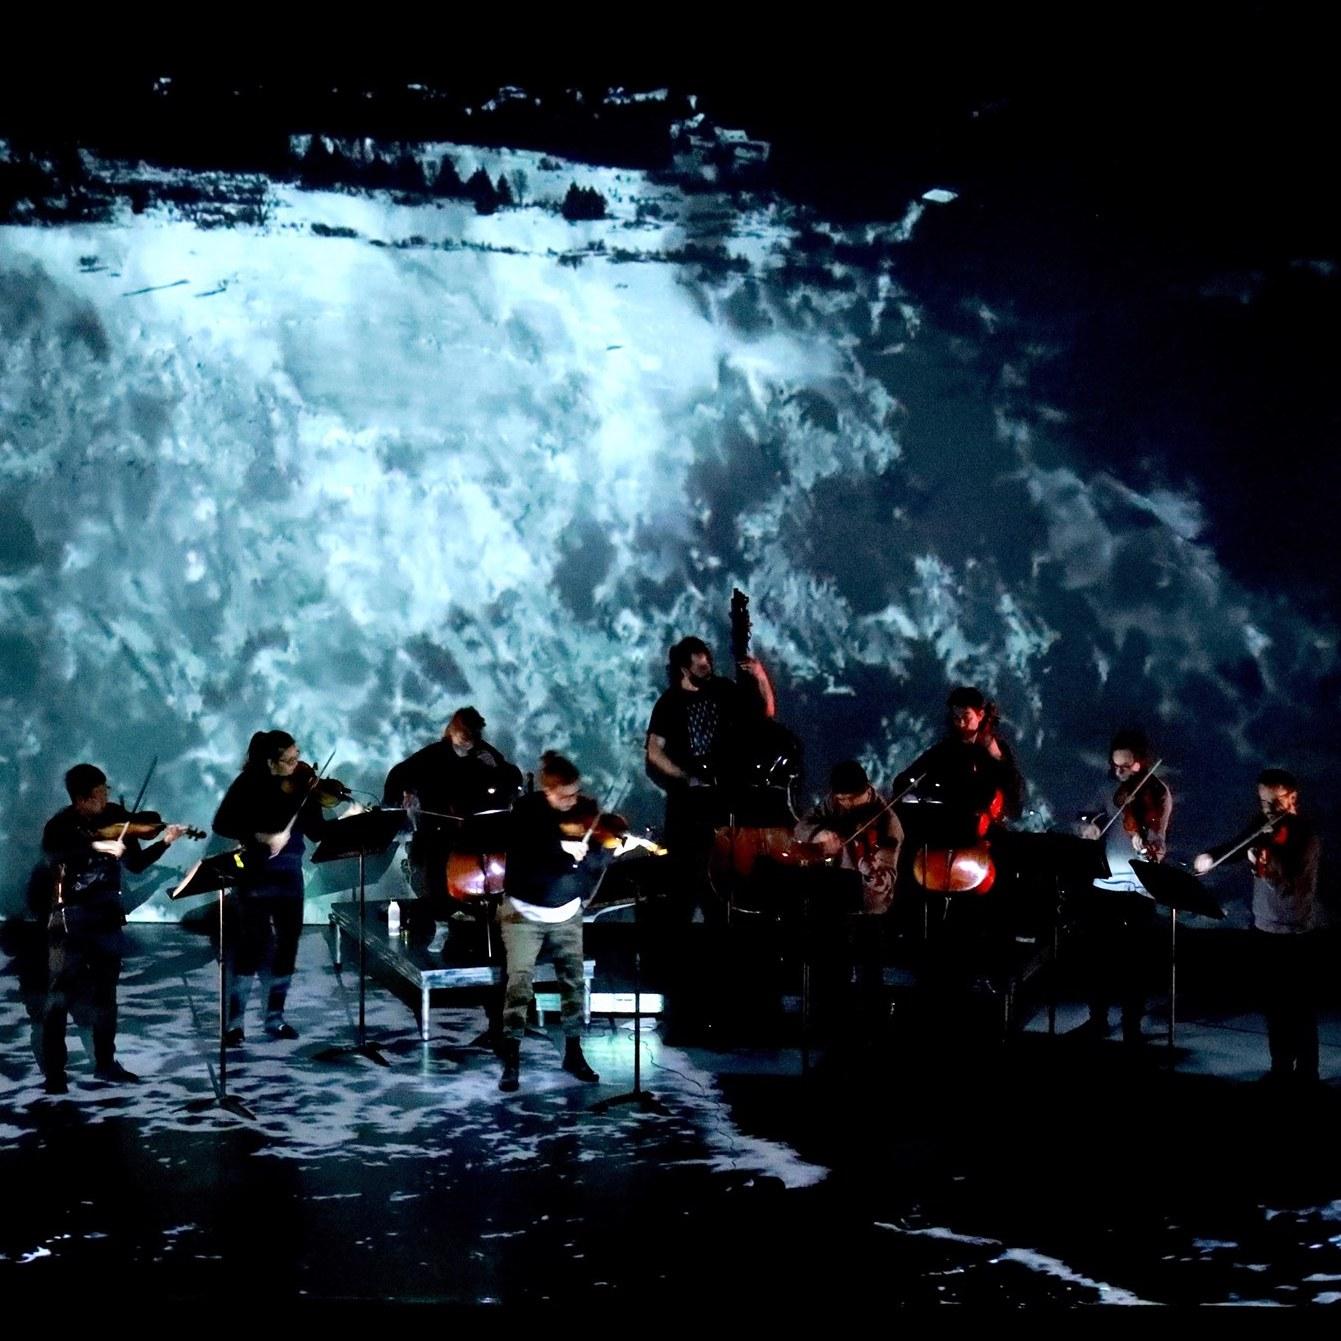 Pièce pour l'ensemble collectif9 (9 cordes, vidéo), de Myriam Boucher et Pierre-Luc Lecours.